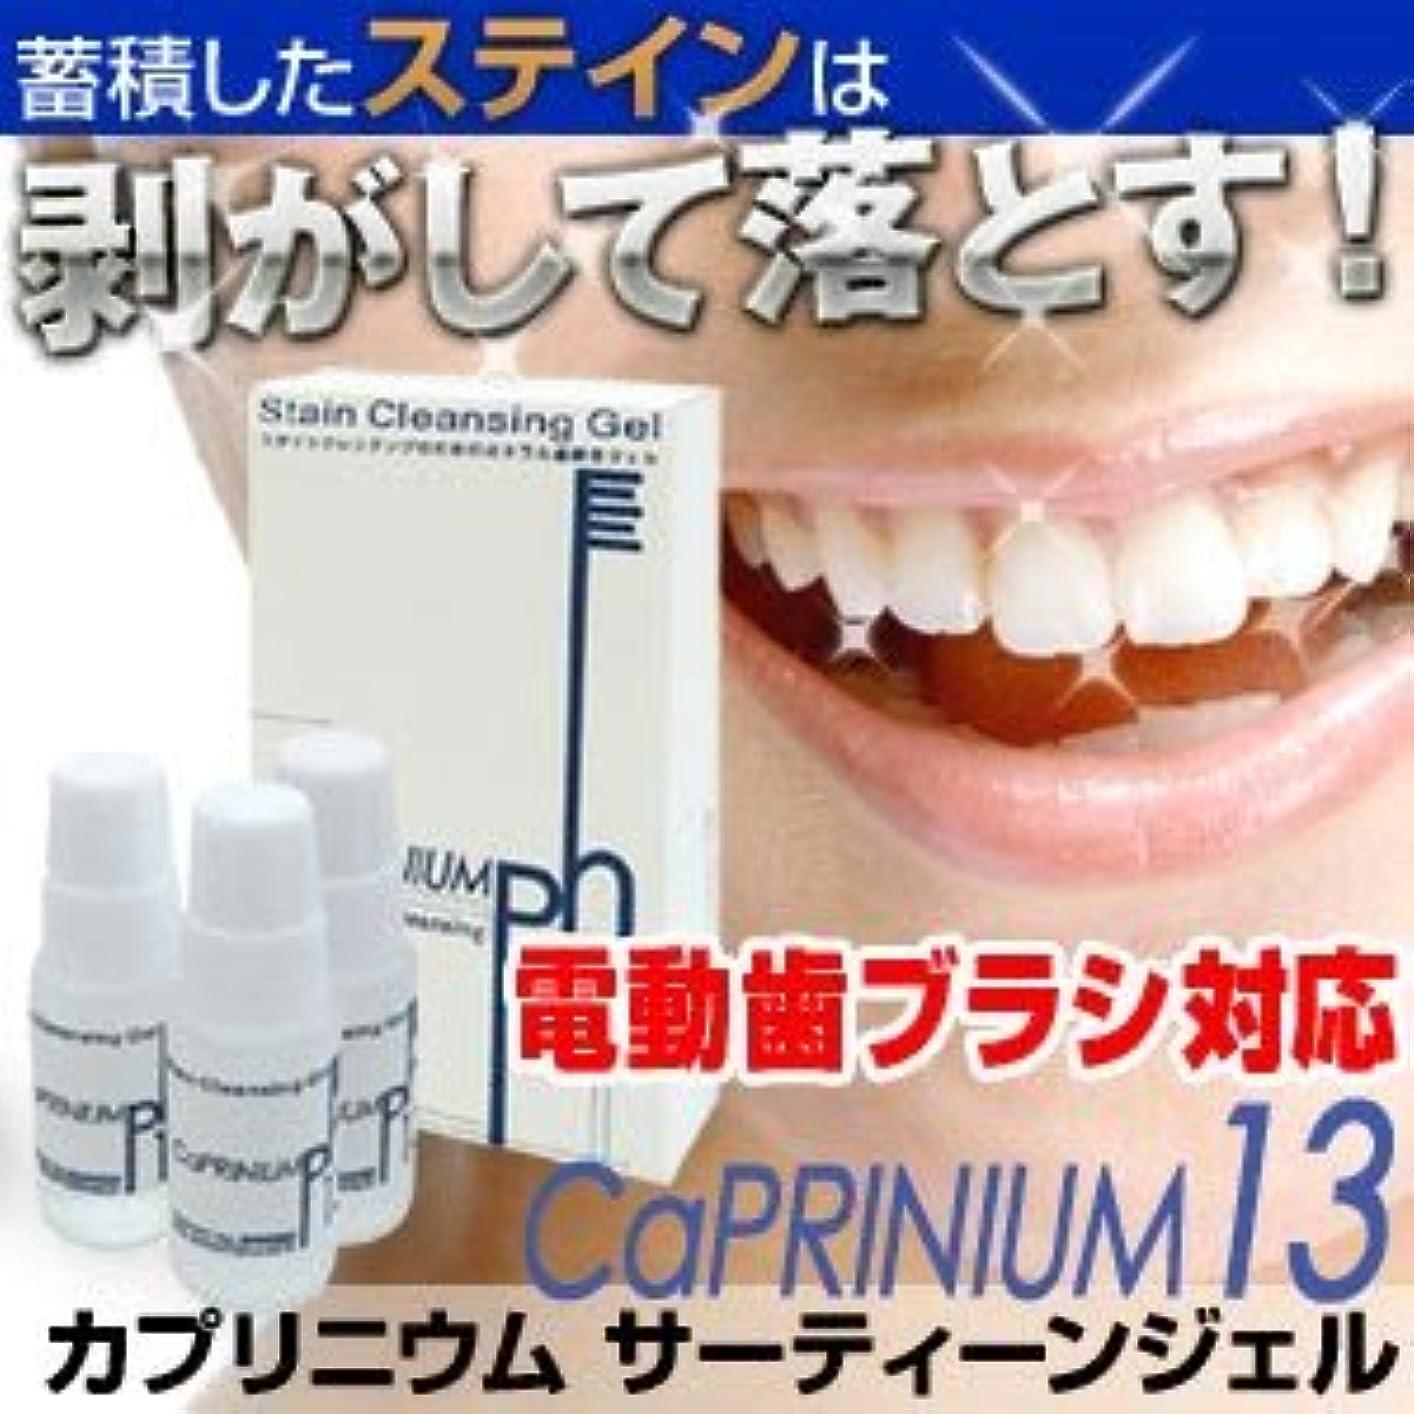 宿題直面するペネロペカプリニウム サーティーンジェル(CaPRINIUM 13) 新発想のホワイトニング歯磨きジェル